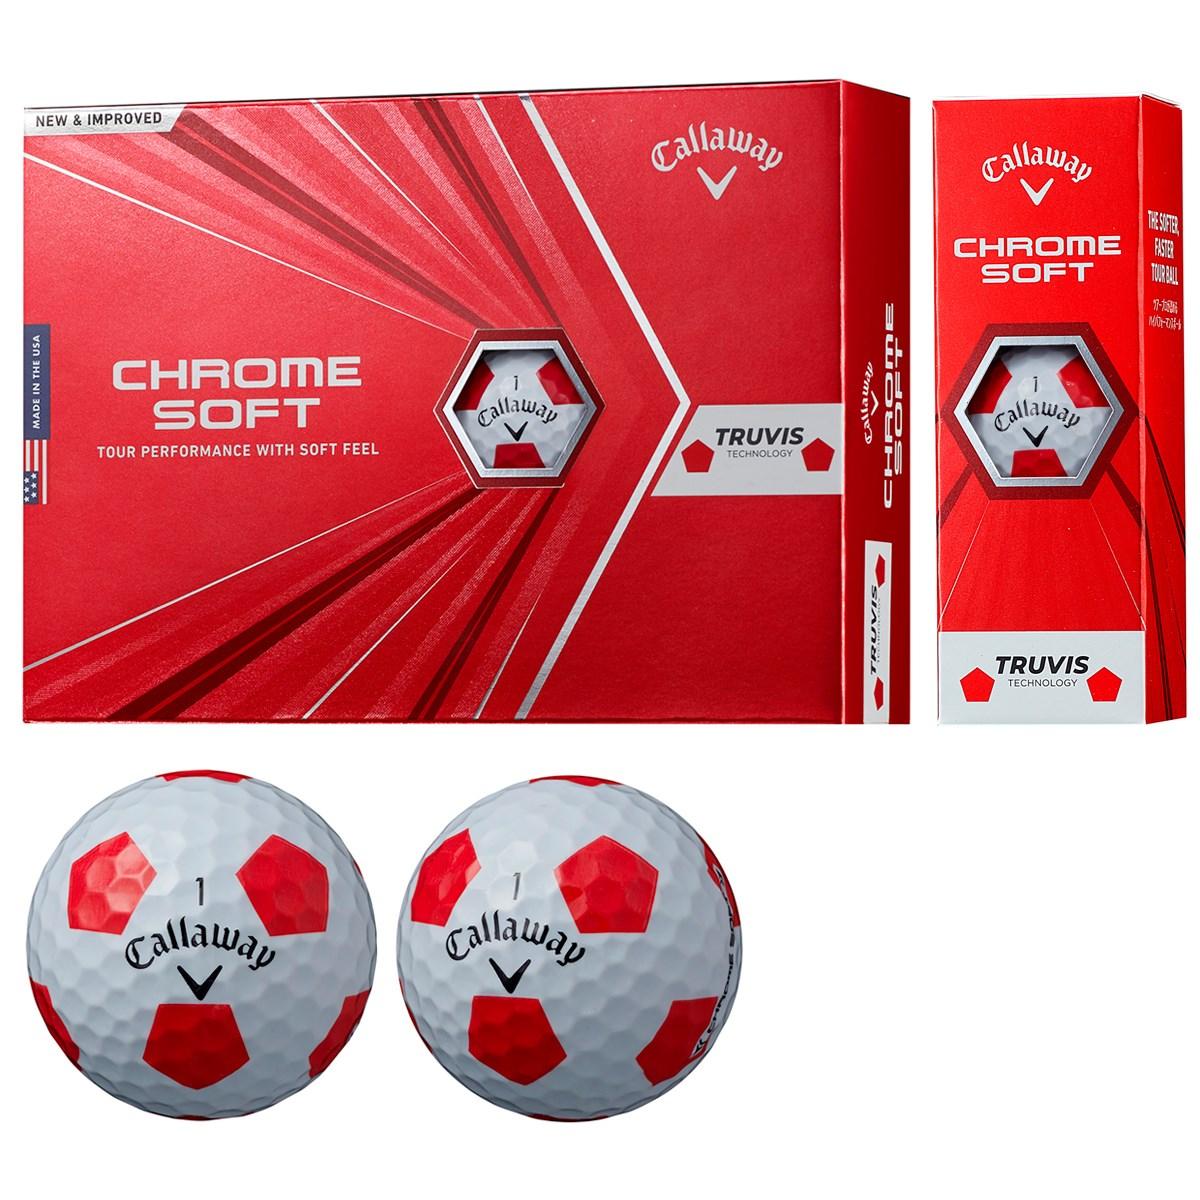 キャロウェイゴルフ CHROM SOFT CHROME SOFT ボール 5ダースセット 5ダース(60個入り) ホワイト/レッド